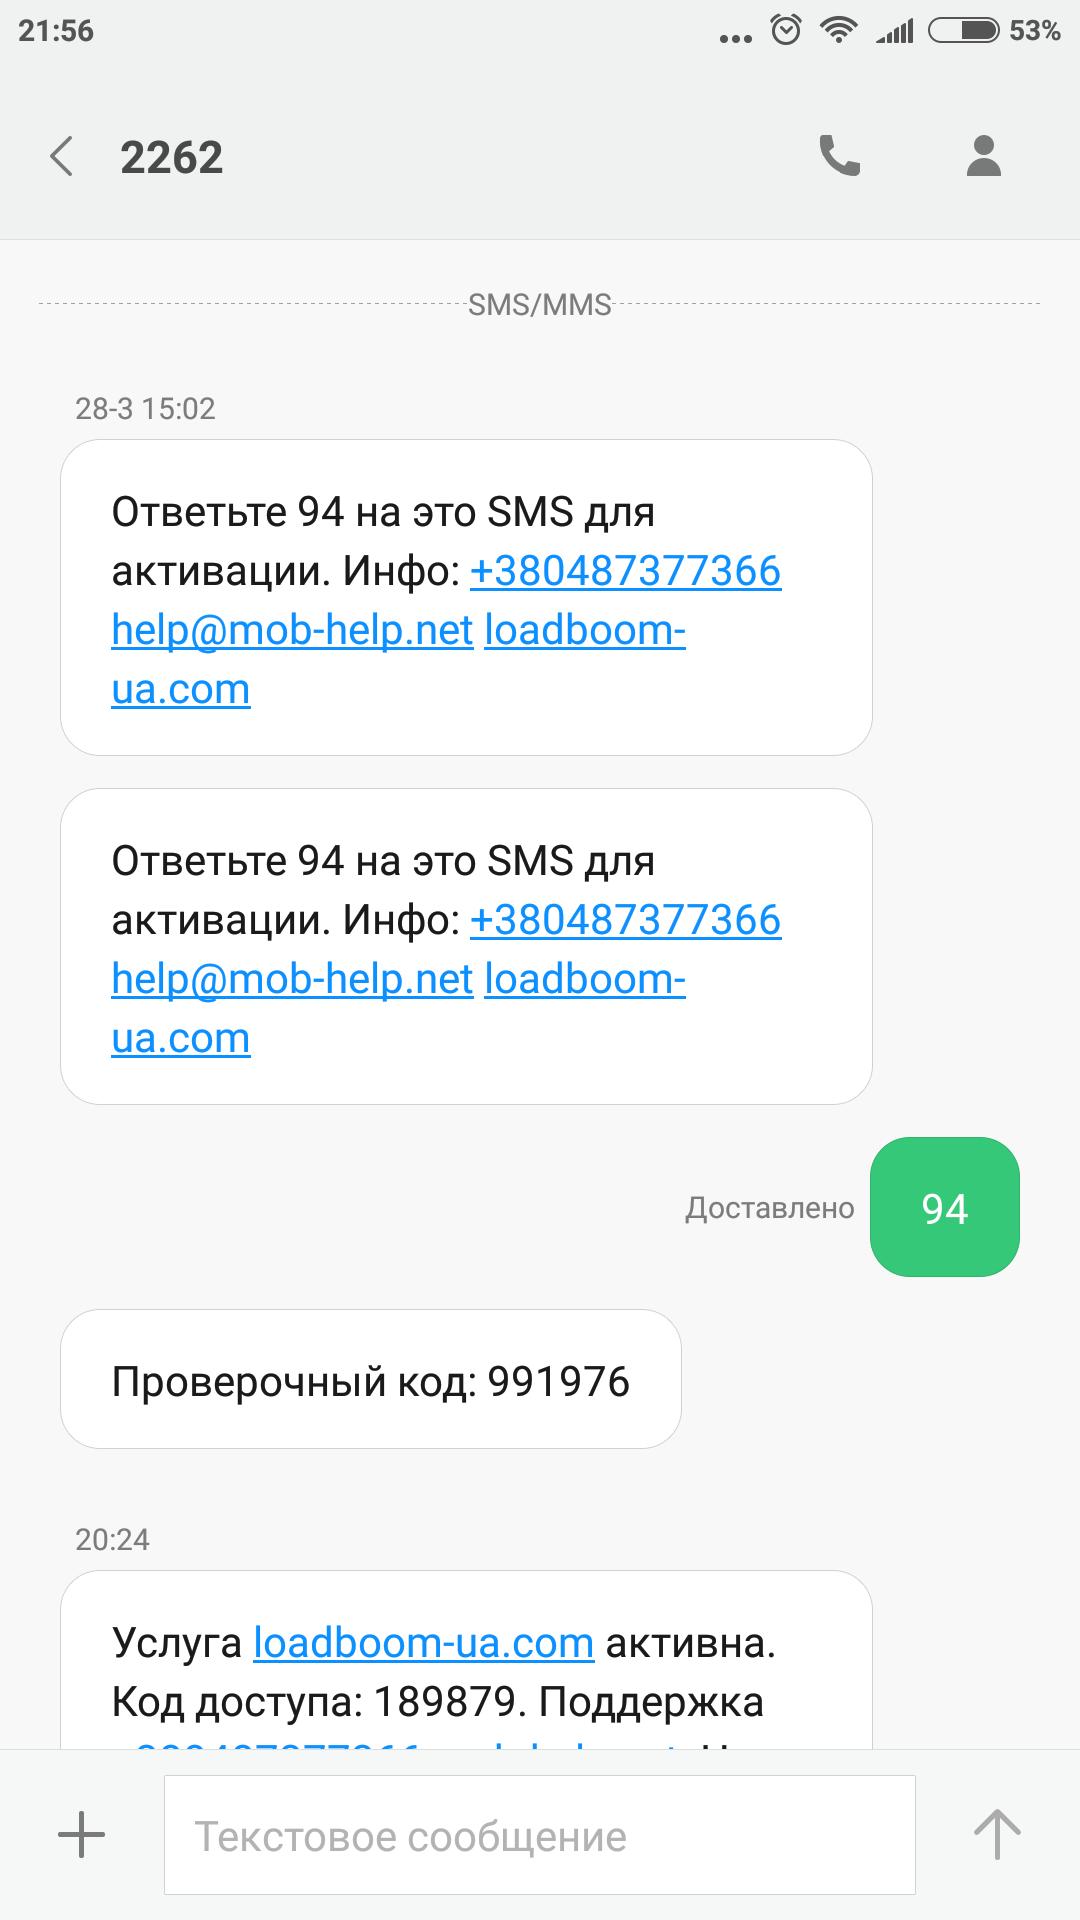 деньги в долг лайфселл банк москвы онлайн войти